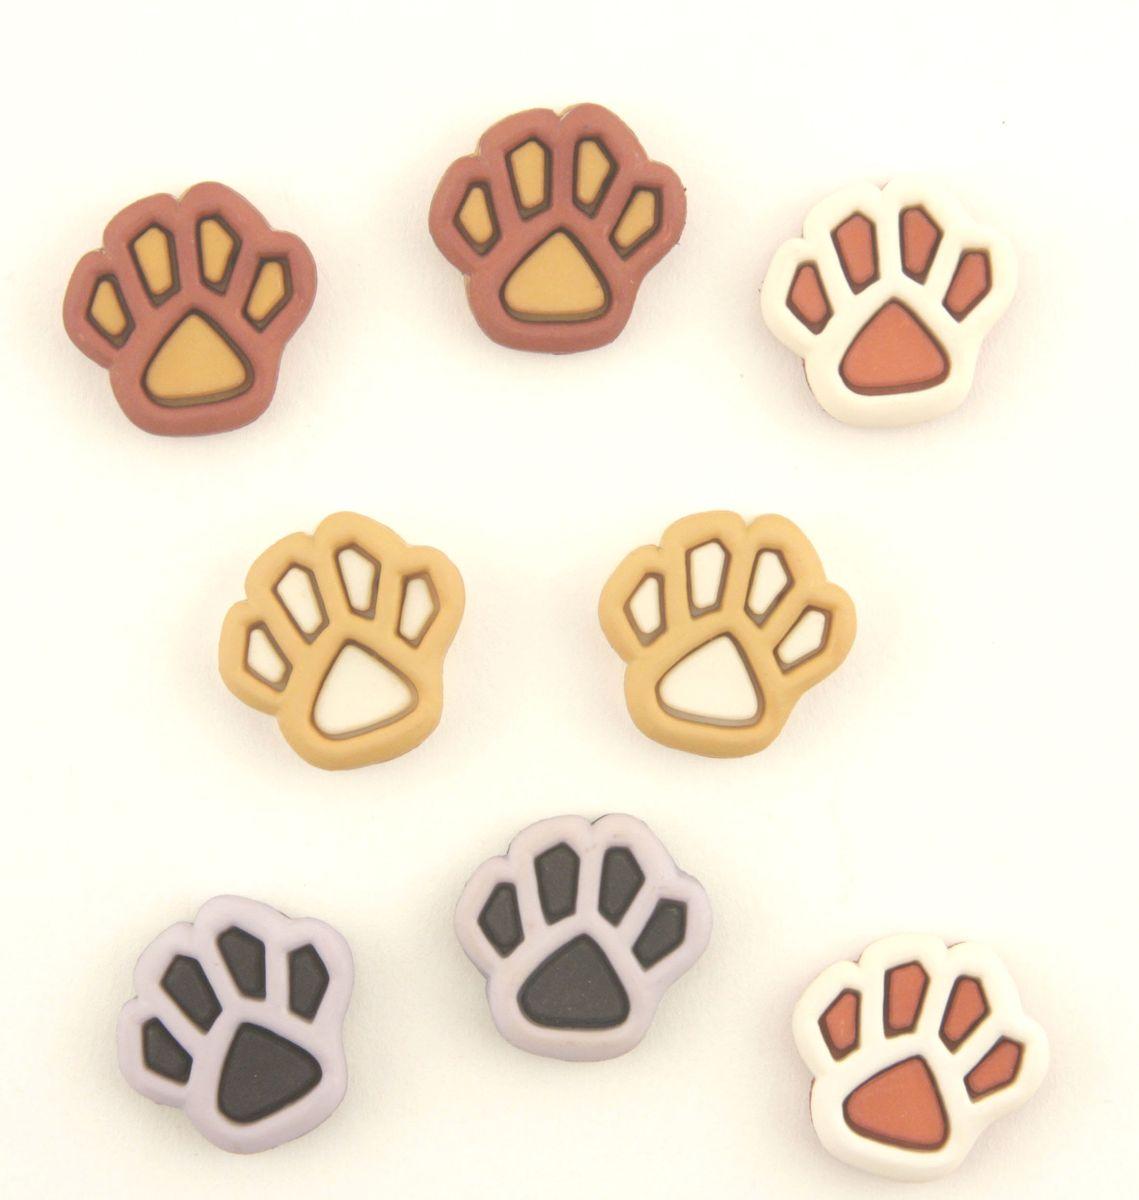 Пуговицы декоративные Dress It Up Pets, 8 шт7705893Набор Dress It Up Pets состоит из 8 декоративных пуговиц, выполненных из пластика в форме следов животных. Такие пуговицы подходят для любых видов творчества: скрапбукинга, декорирования, шитья, изготовления кукол, а также для оформления одежды. С их помощью вы сможете украсить открытку, фотографию, альбом, подарок и другие предметы ручной работы. Пуговицы разных цветов имеют оригинальный и яркий дизайн. Размер элемента: 1,8 см х 1,7 см х 0,5 см.